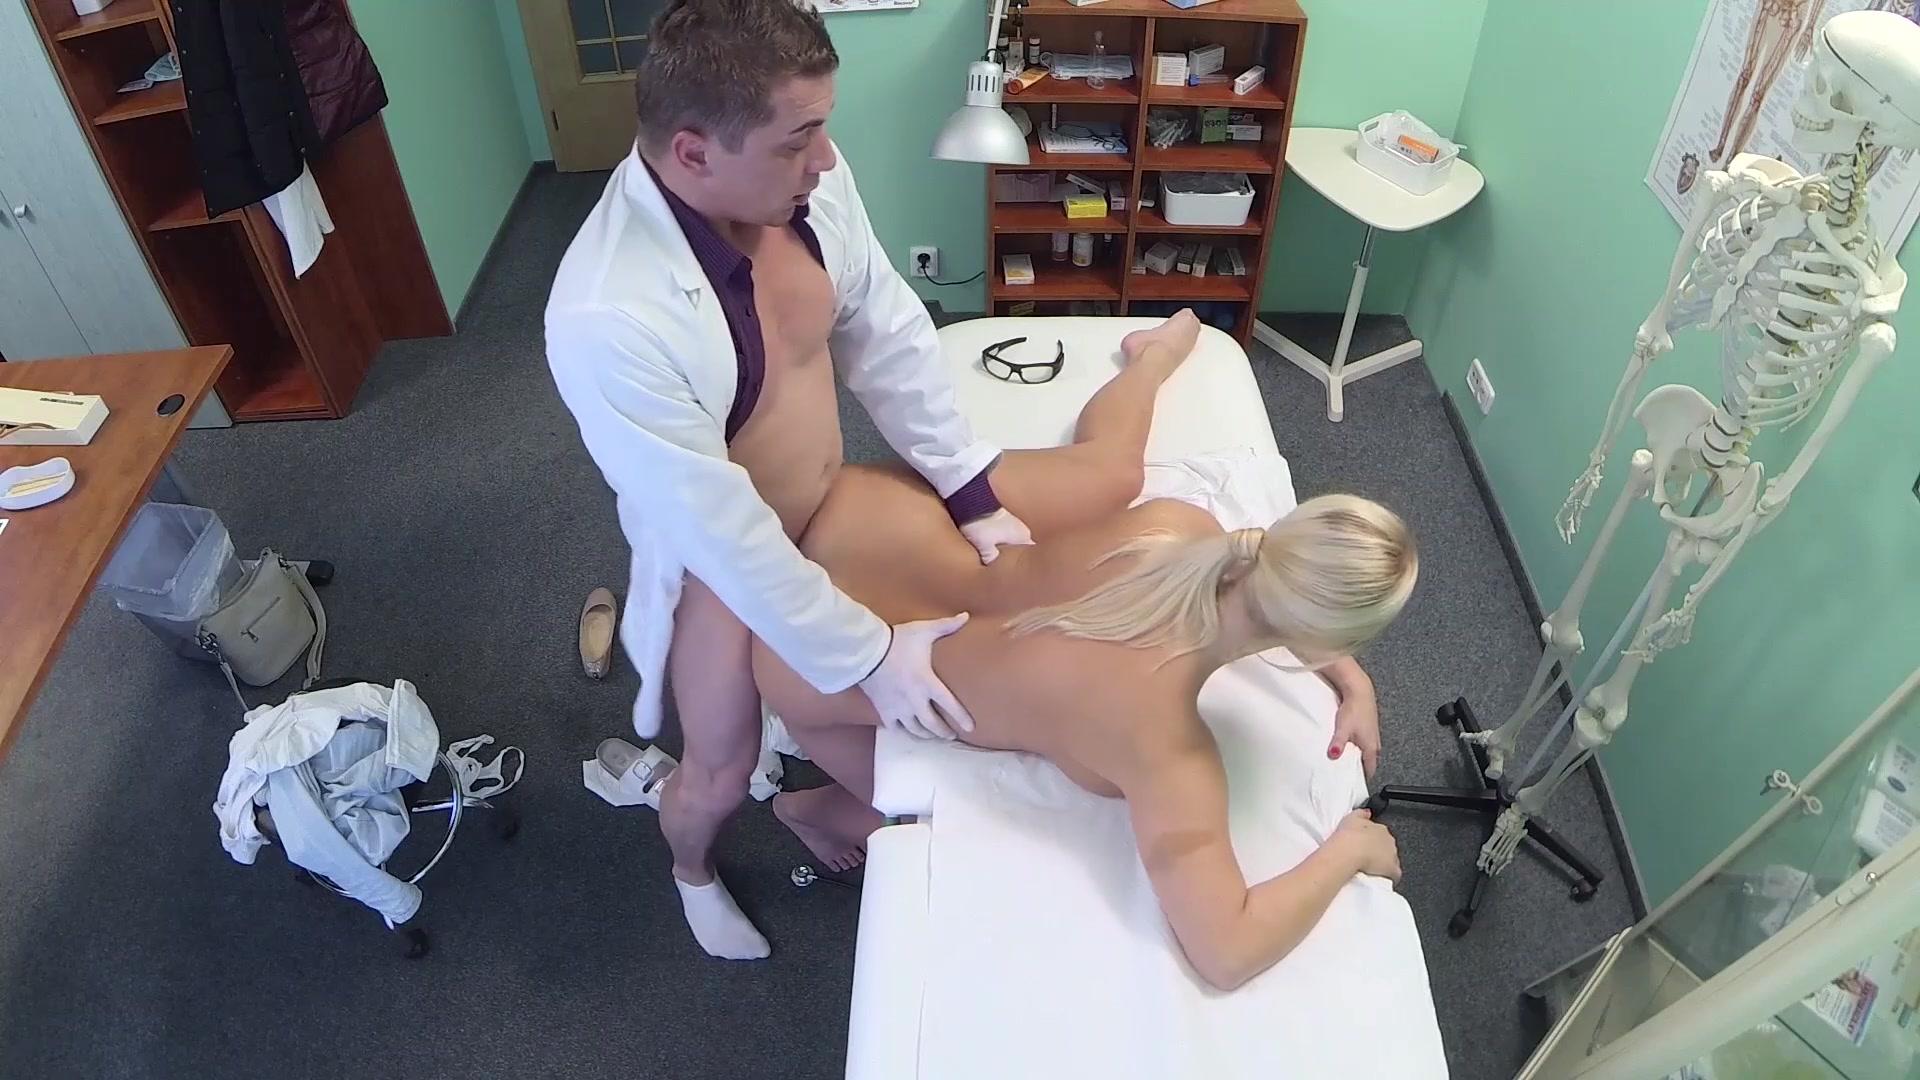 Скрытый камера порно у врача россия, частное видео помывки женщин в бане